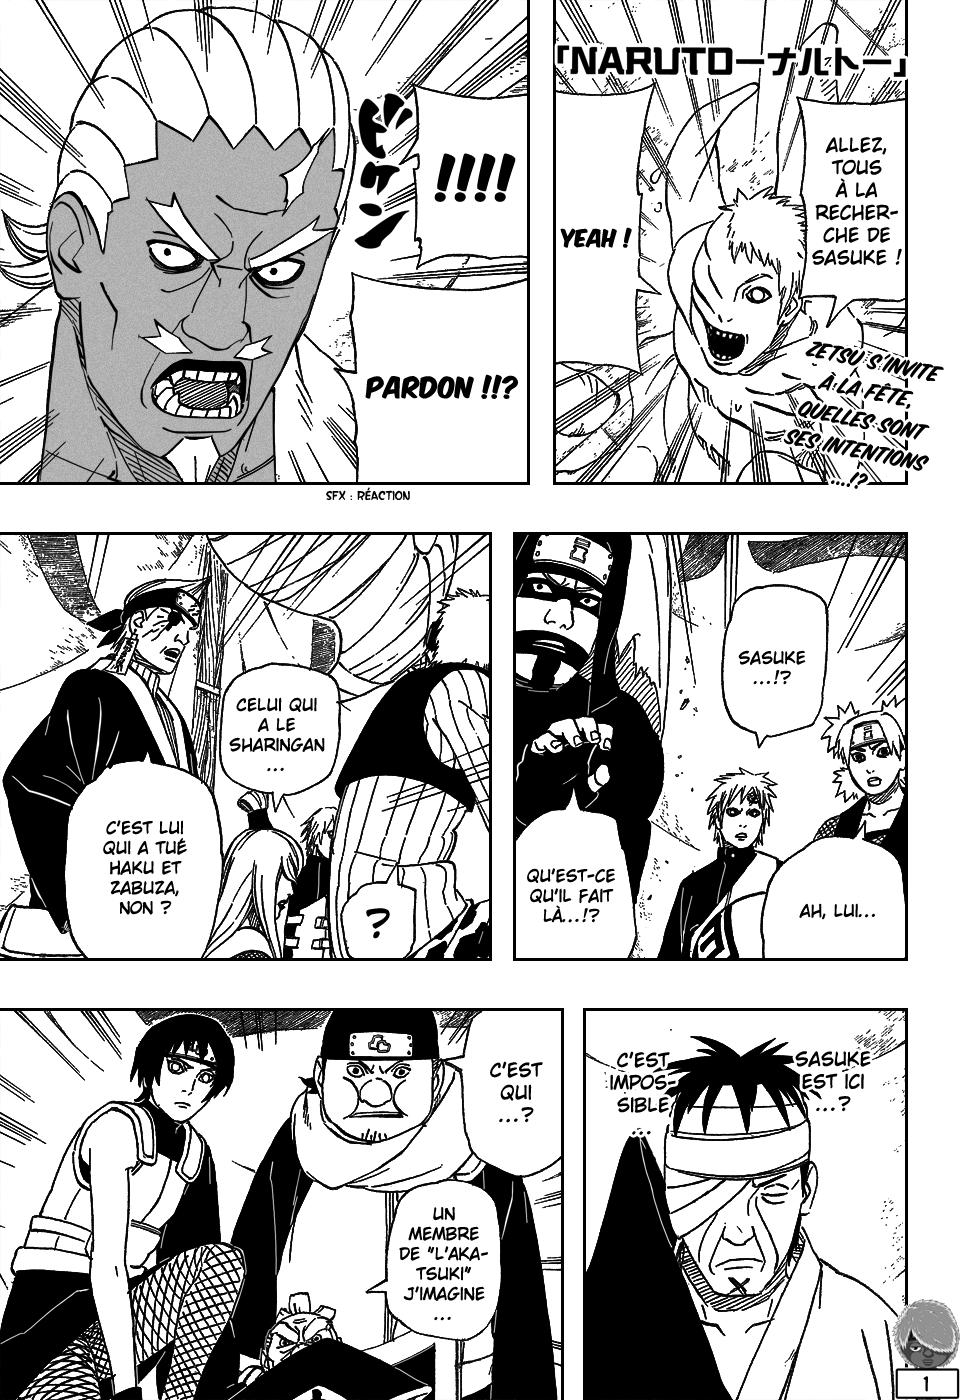 Naruto chapitre 460 - Page 1